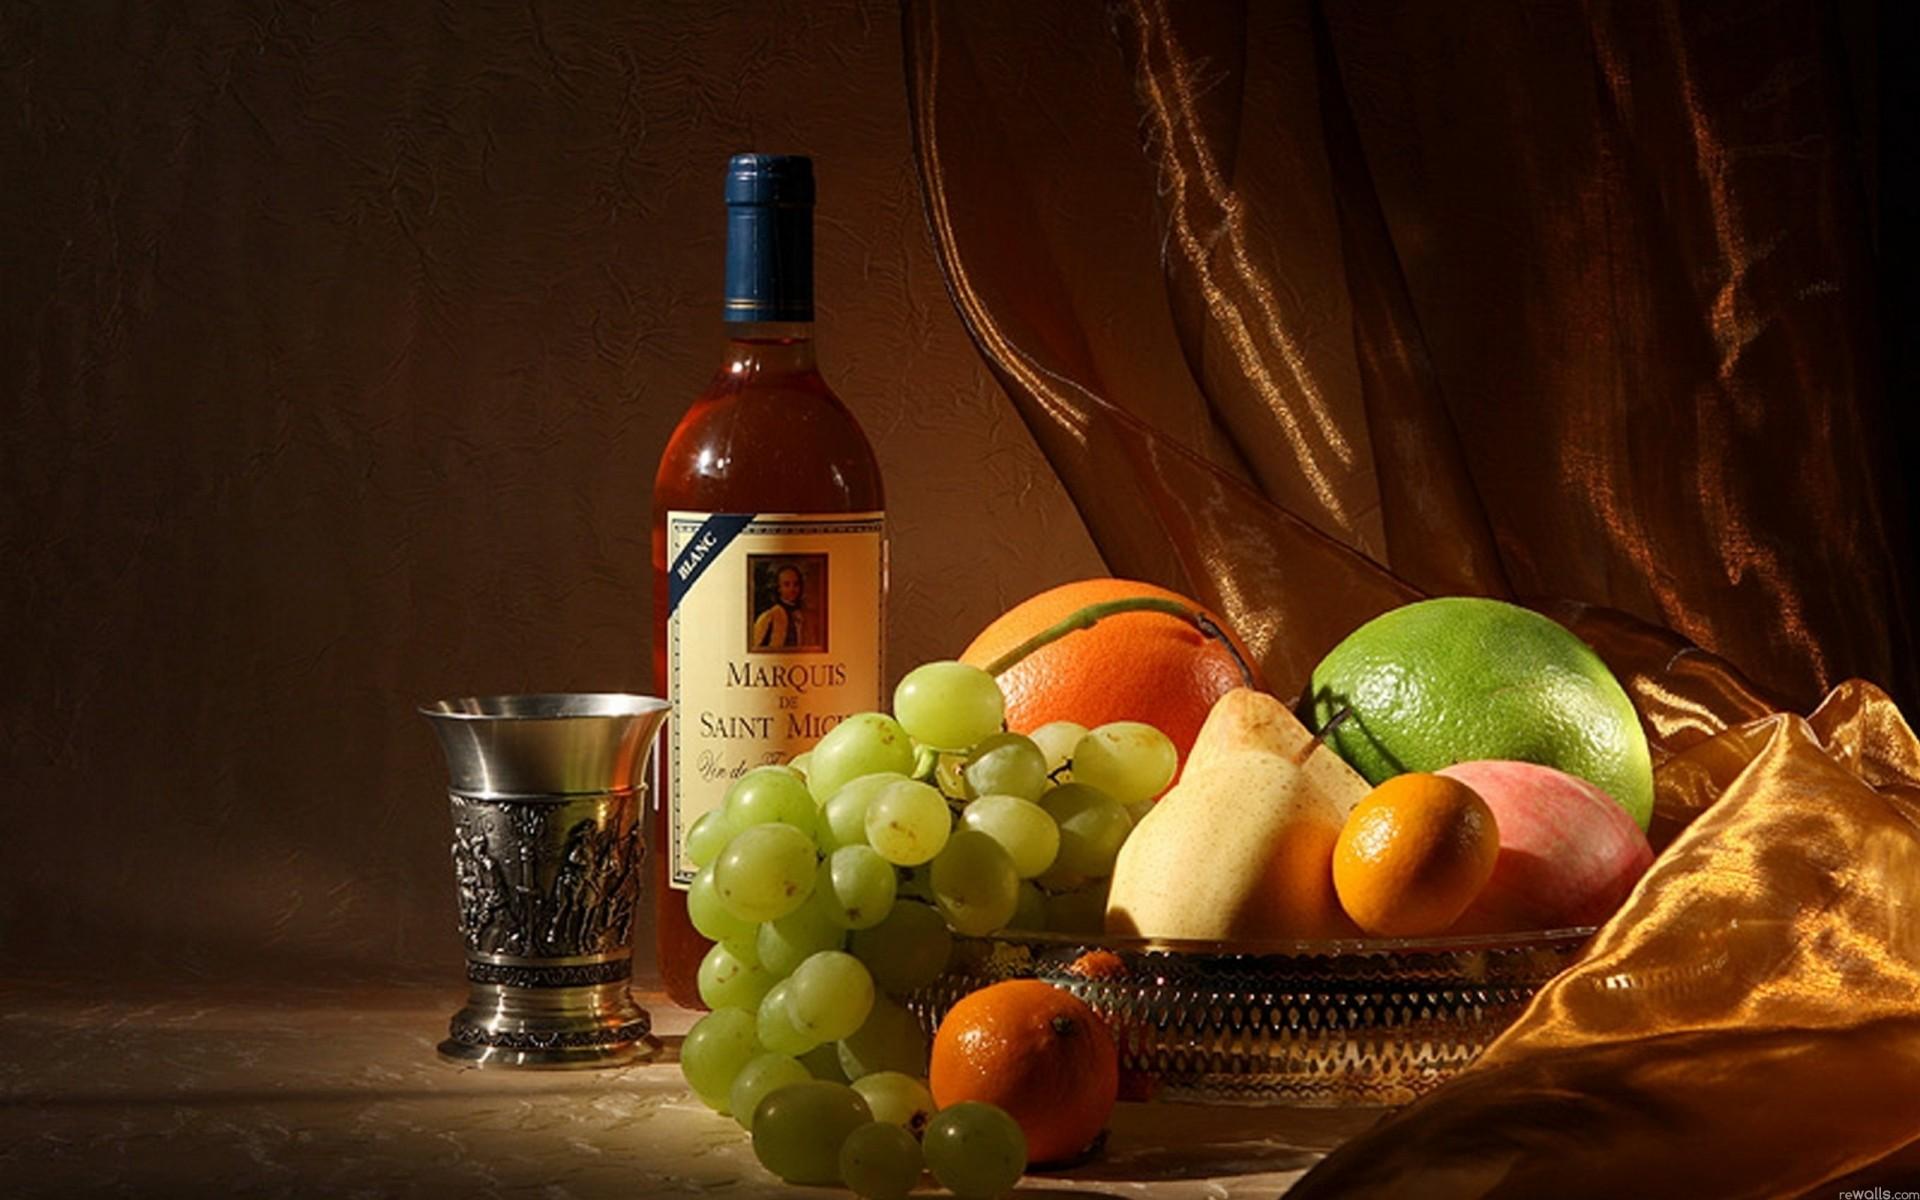 алкоголь и фрукты картинки сделал время